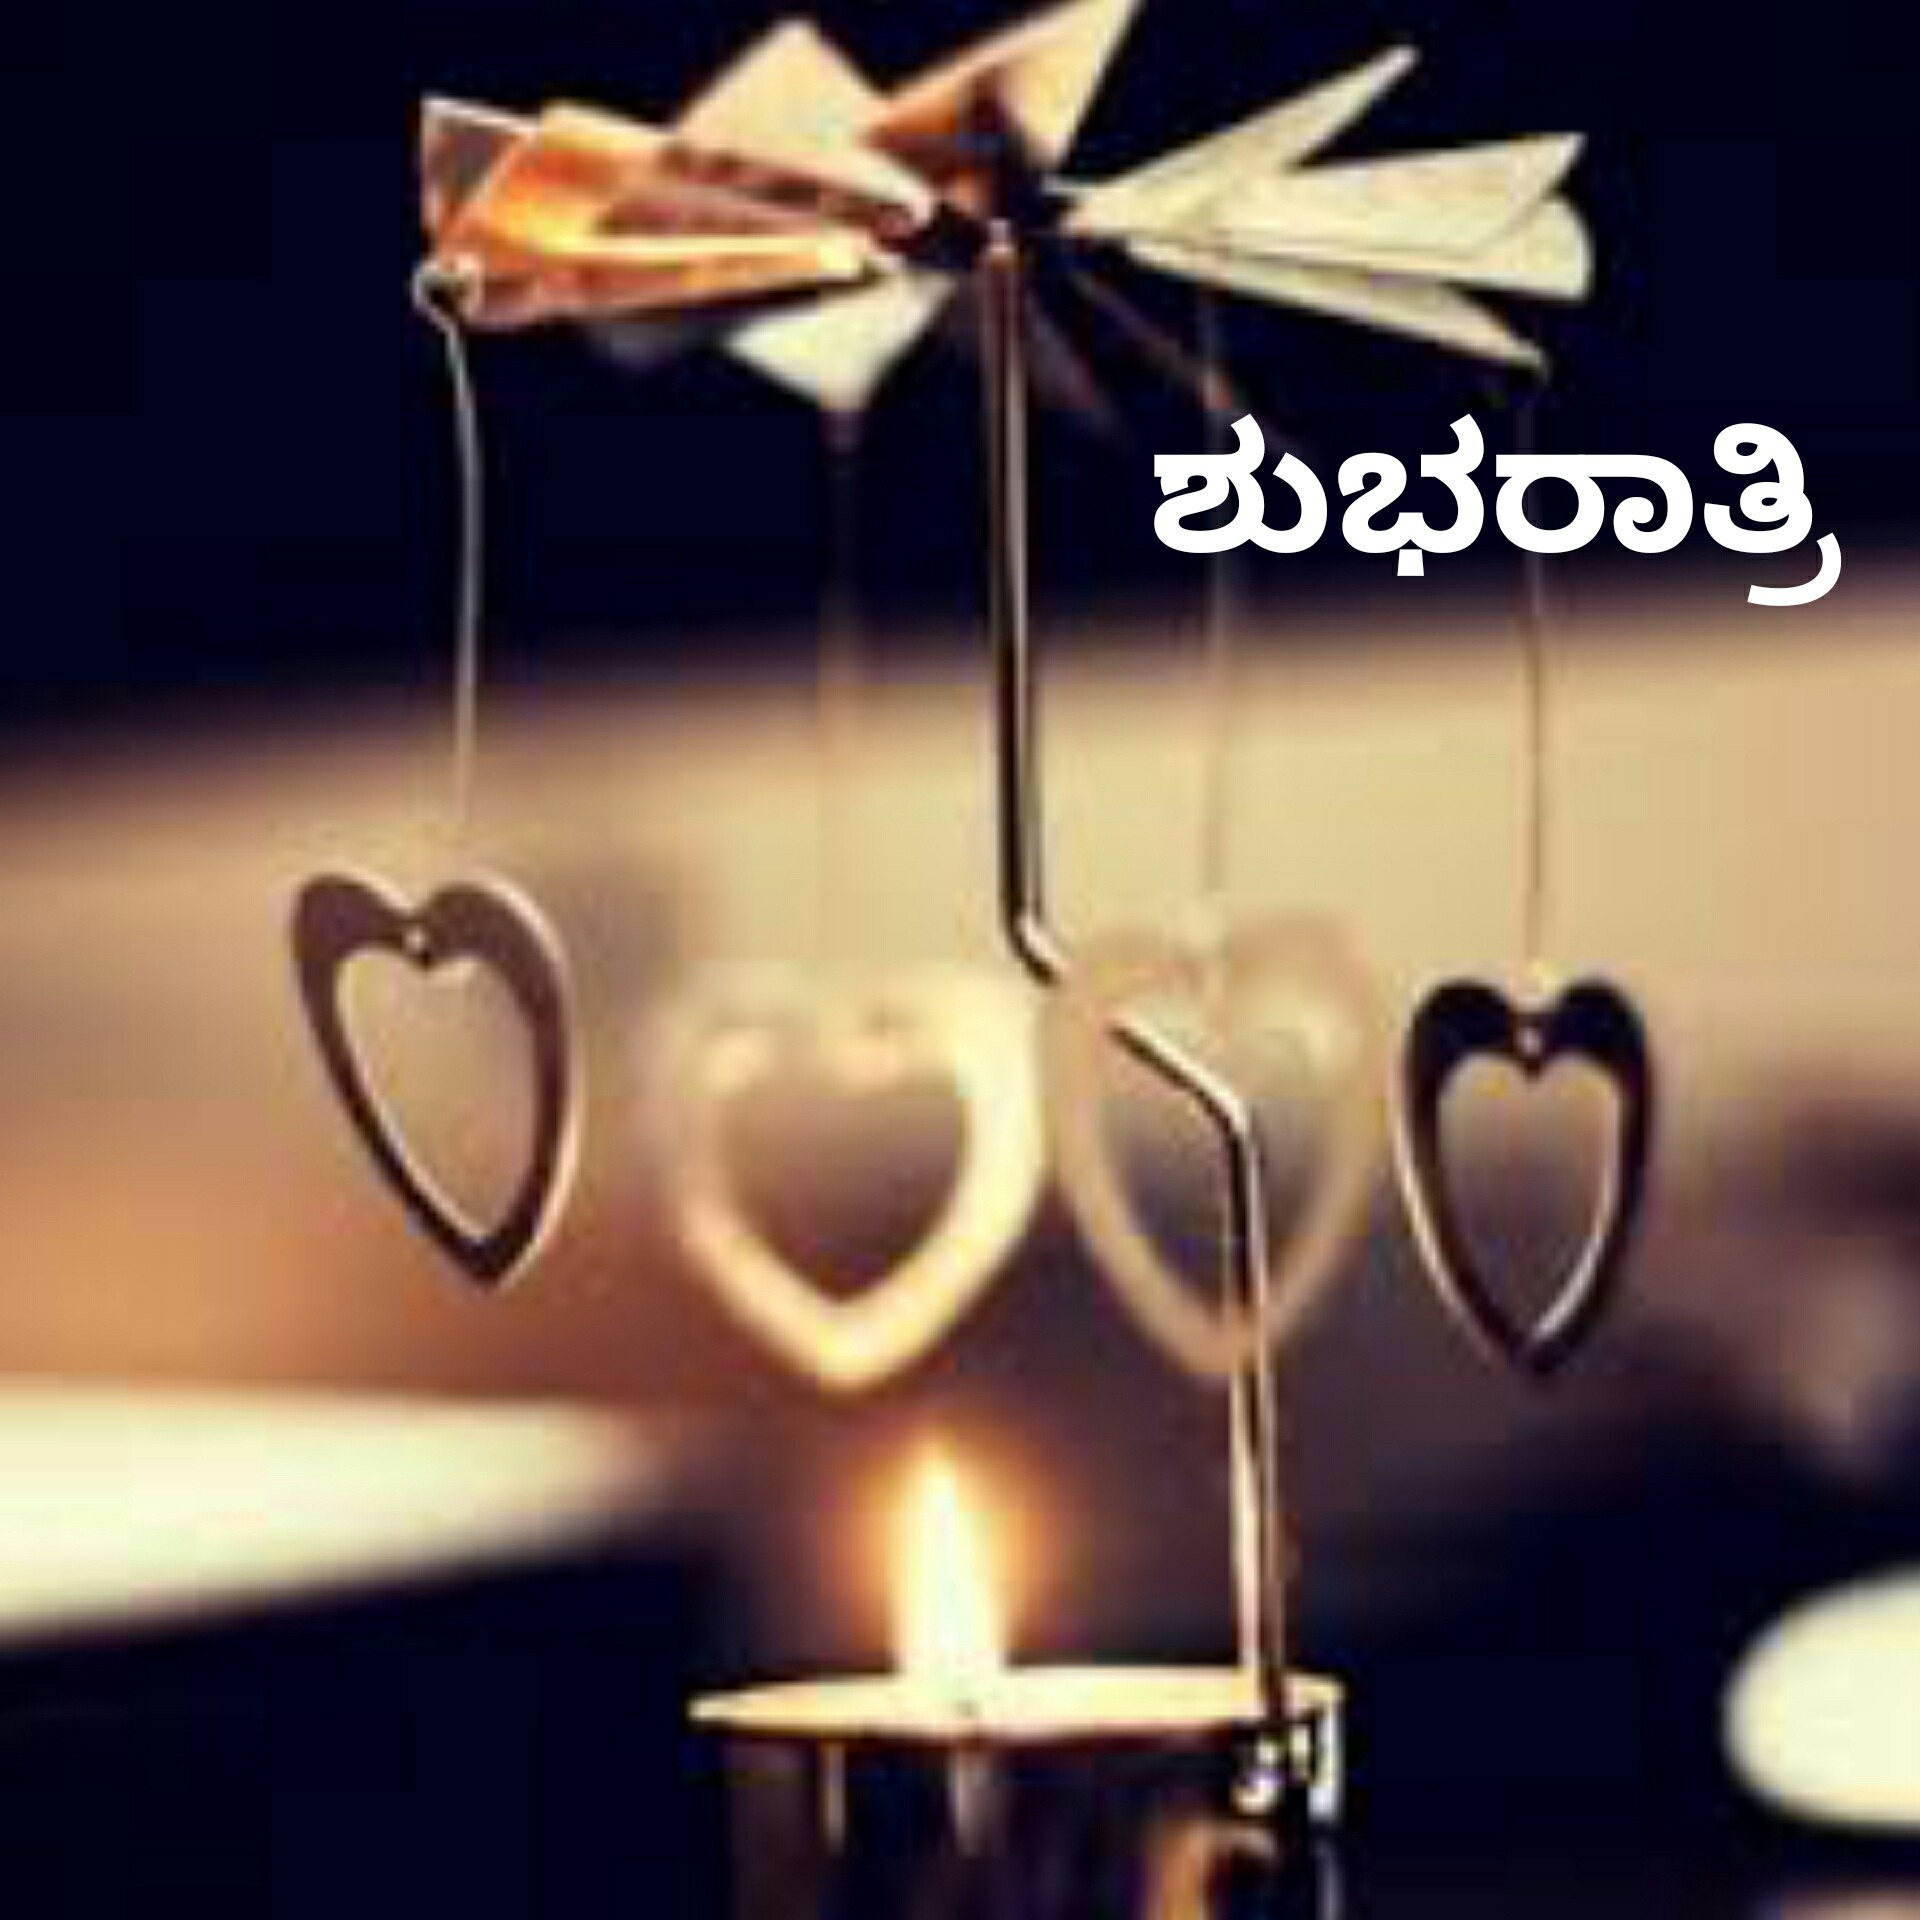 ಶುಭ ರಾತ್ರಿ - ShareChat